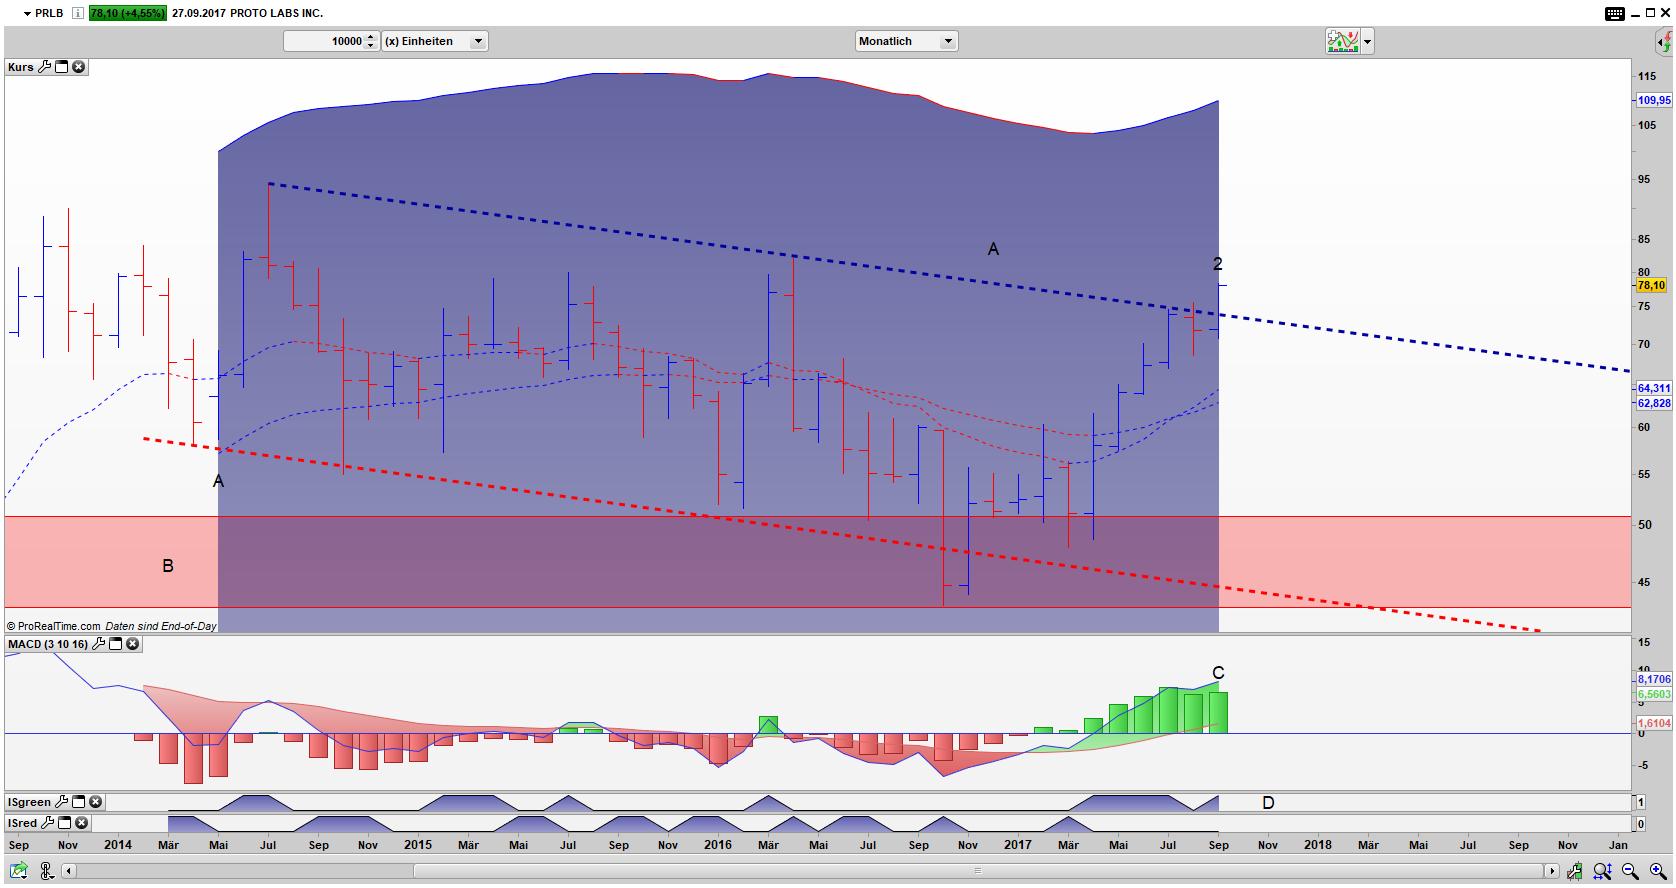 PRLB Bar Monats Chart: Die Aktie ist mit einem starken Sprung ausgebrochen